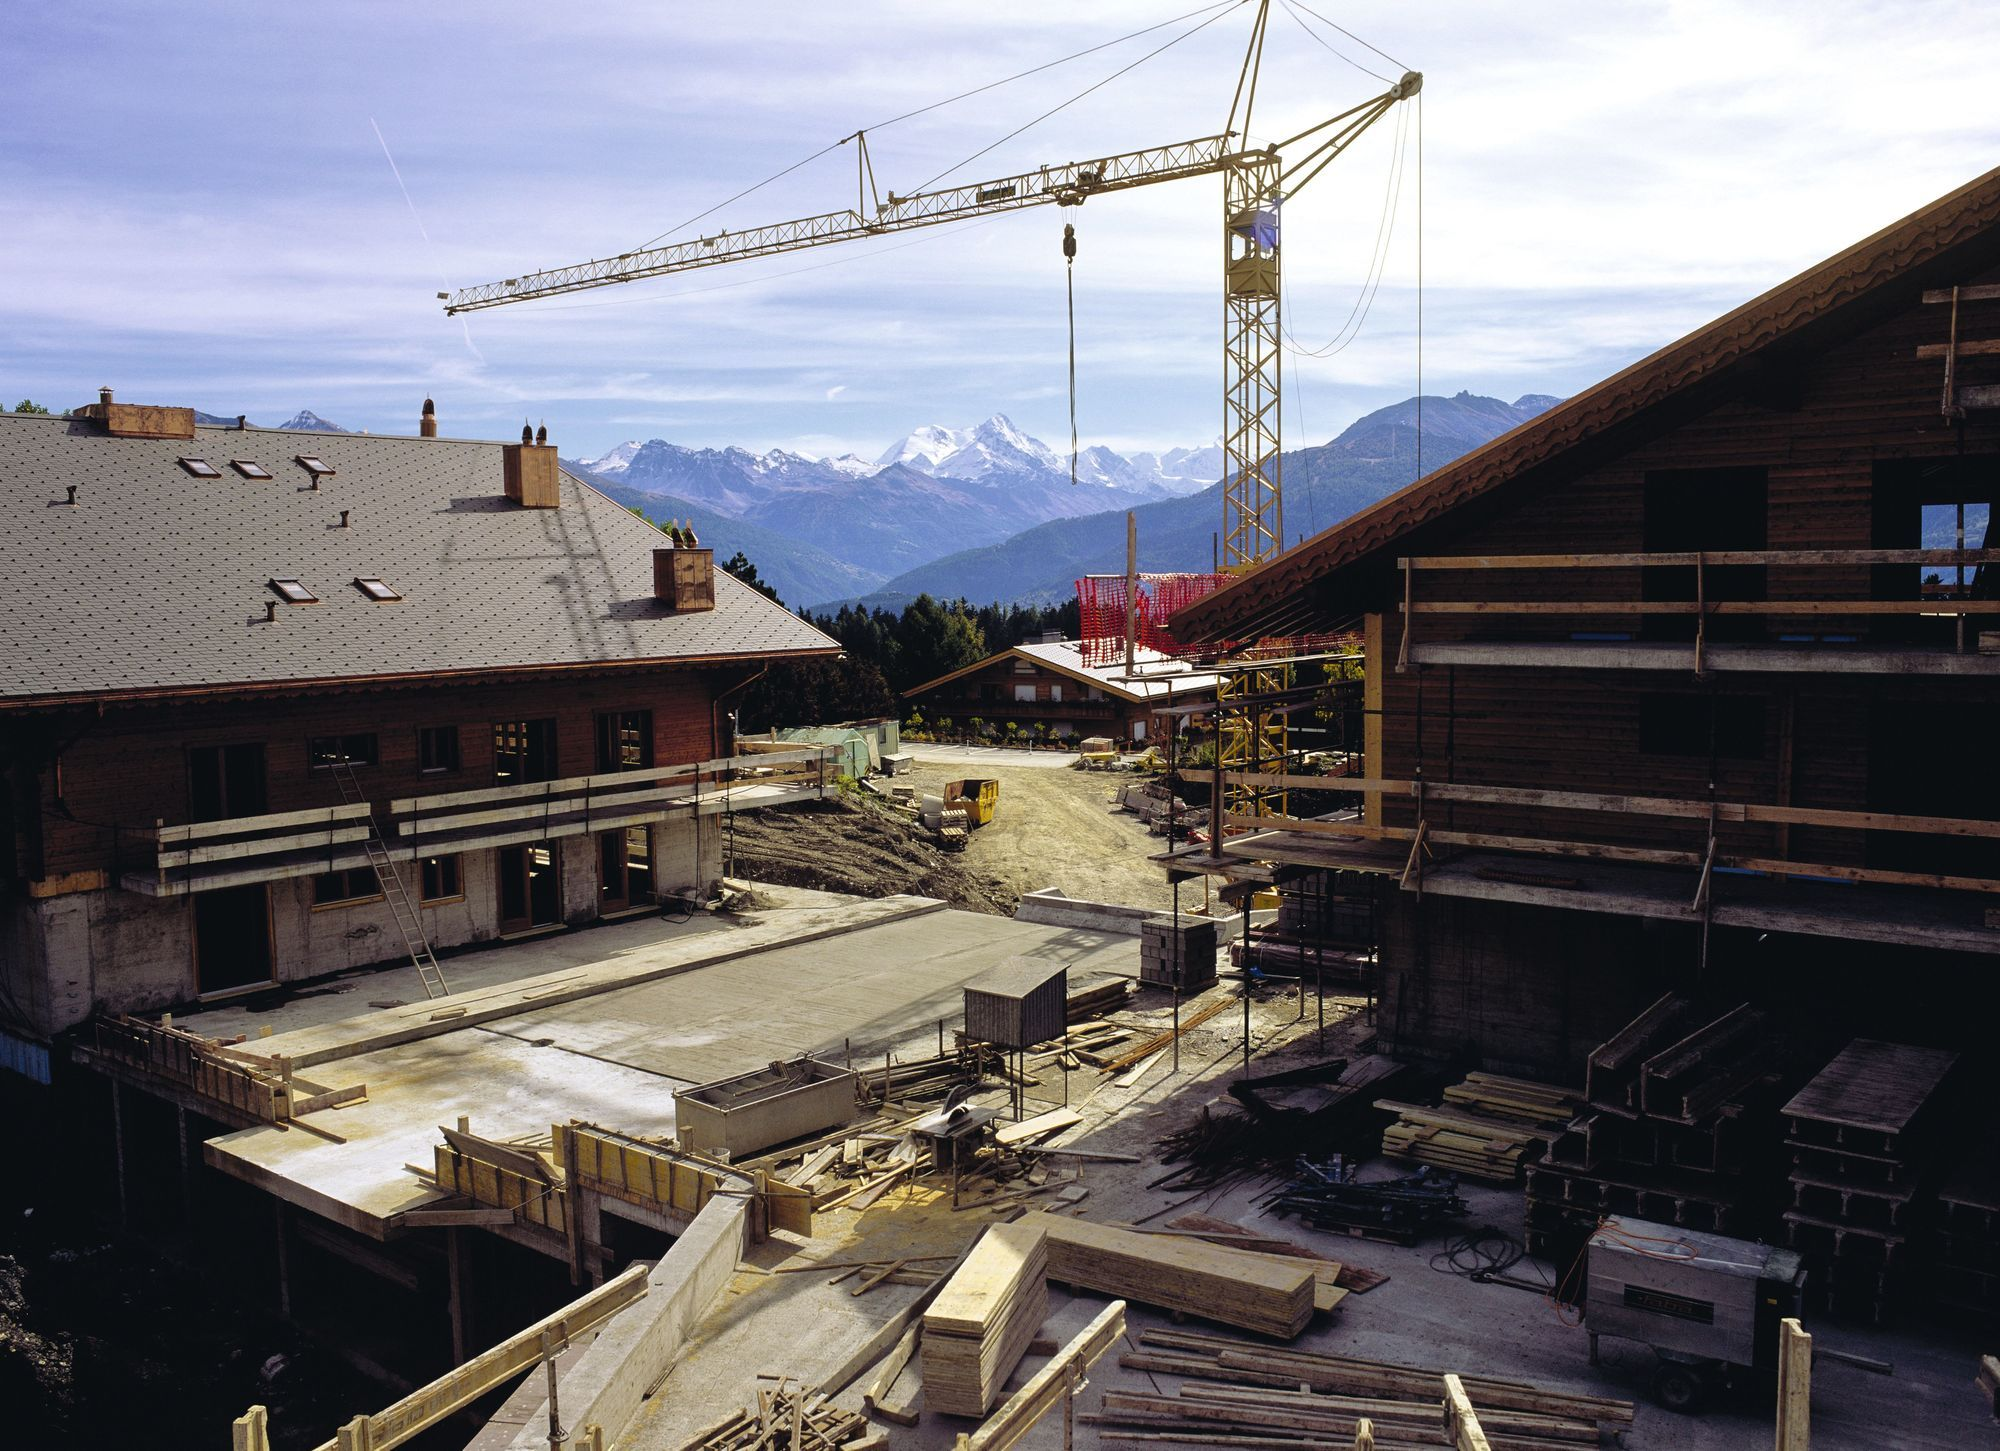 Construction d'un village de vacances dans les Alpes suisses. Cela implique d'acheminer des matériaux et de créer des réseaux d'électricité, d'adduction d'eau, de traitement des eaux usées et des déchets